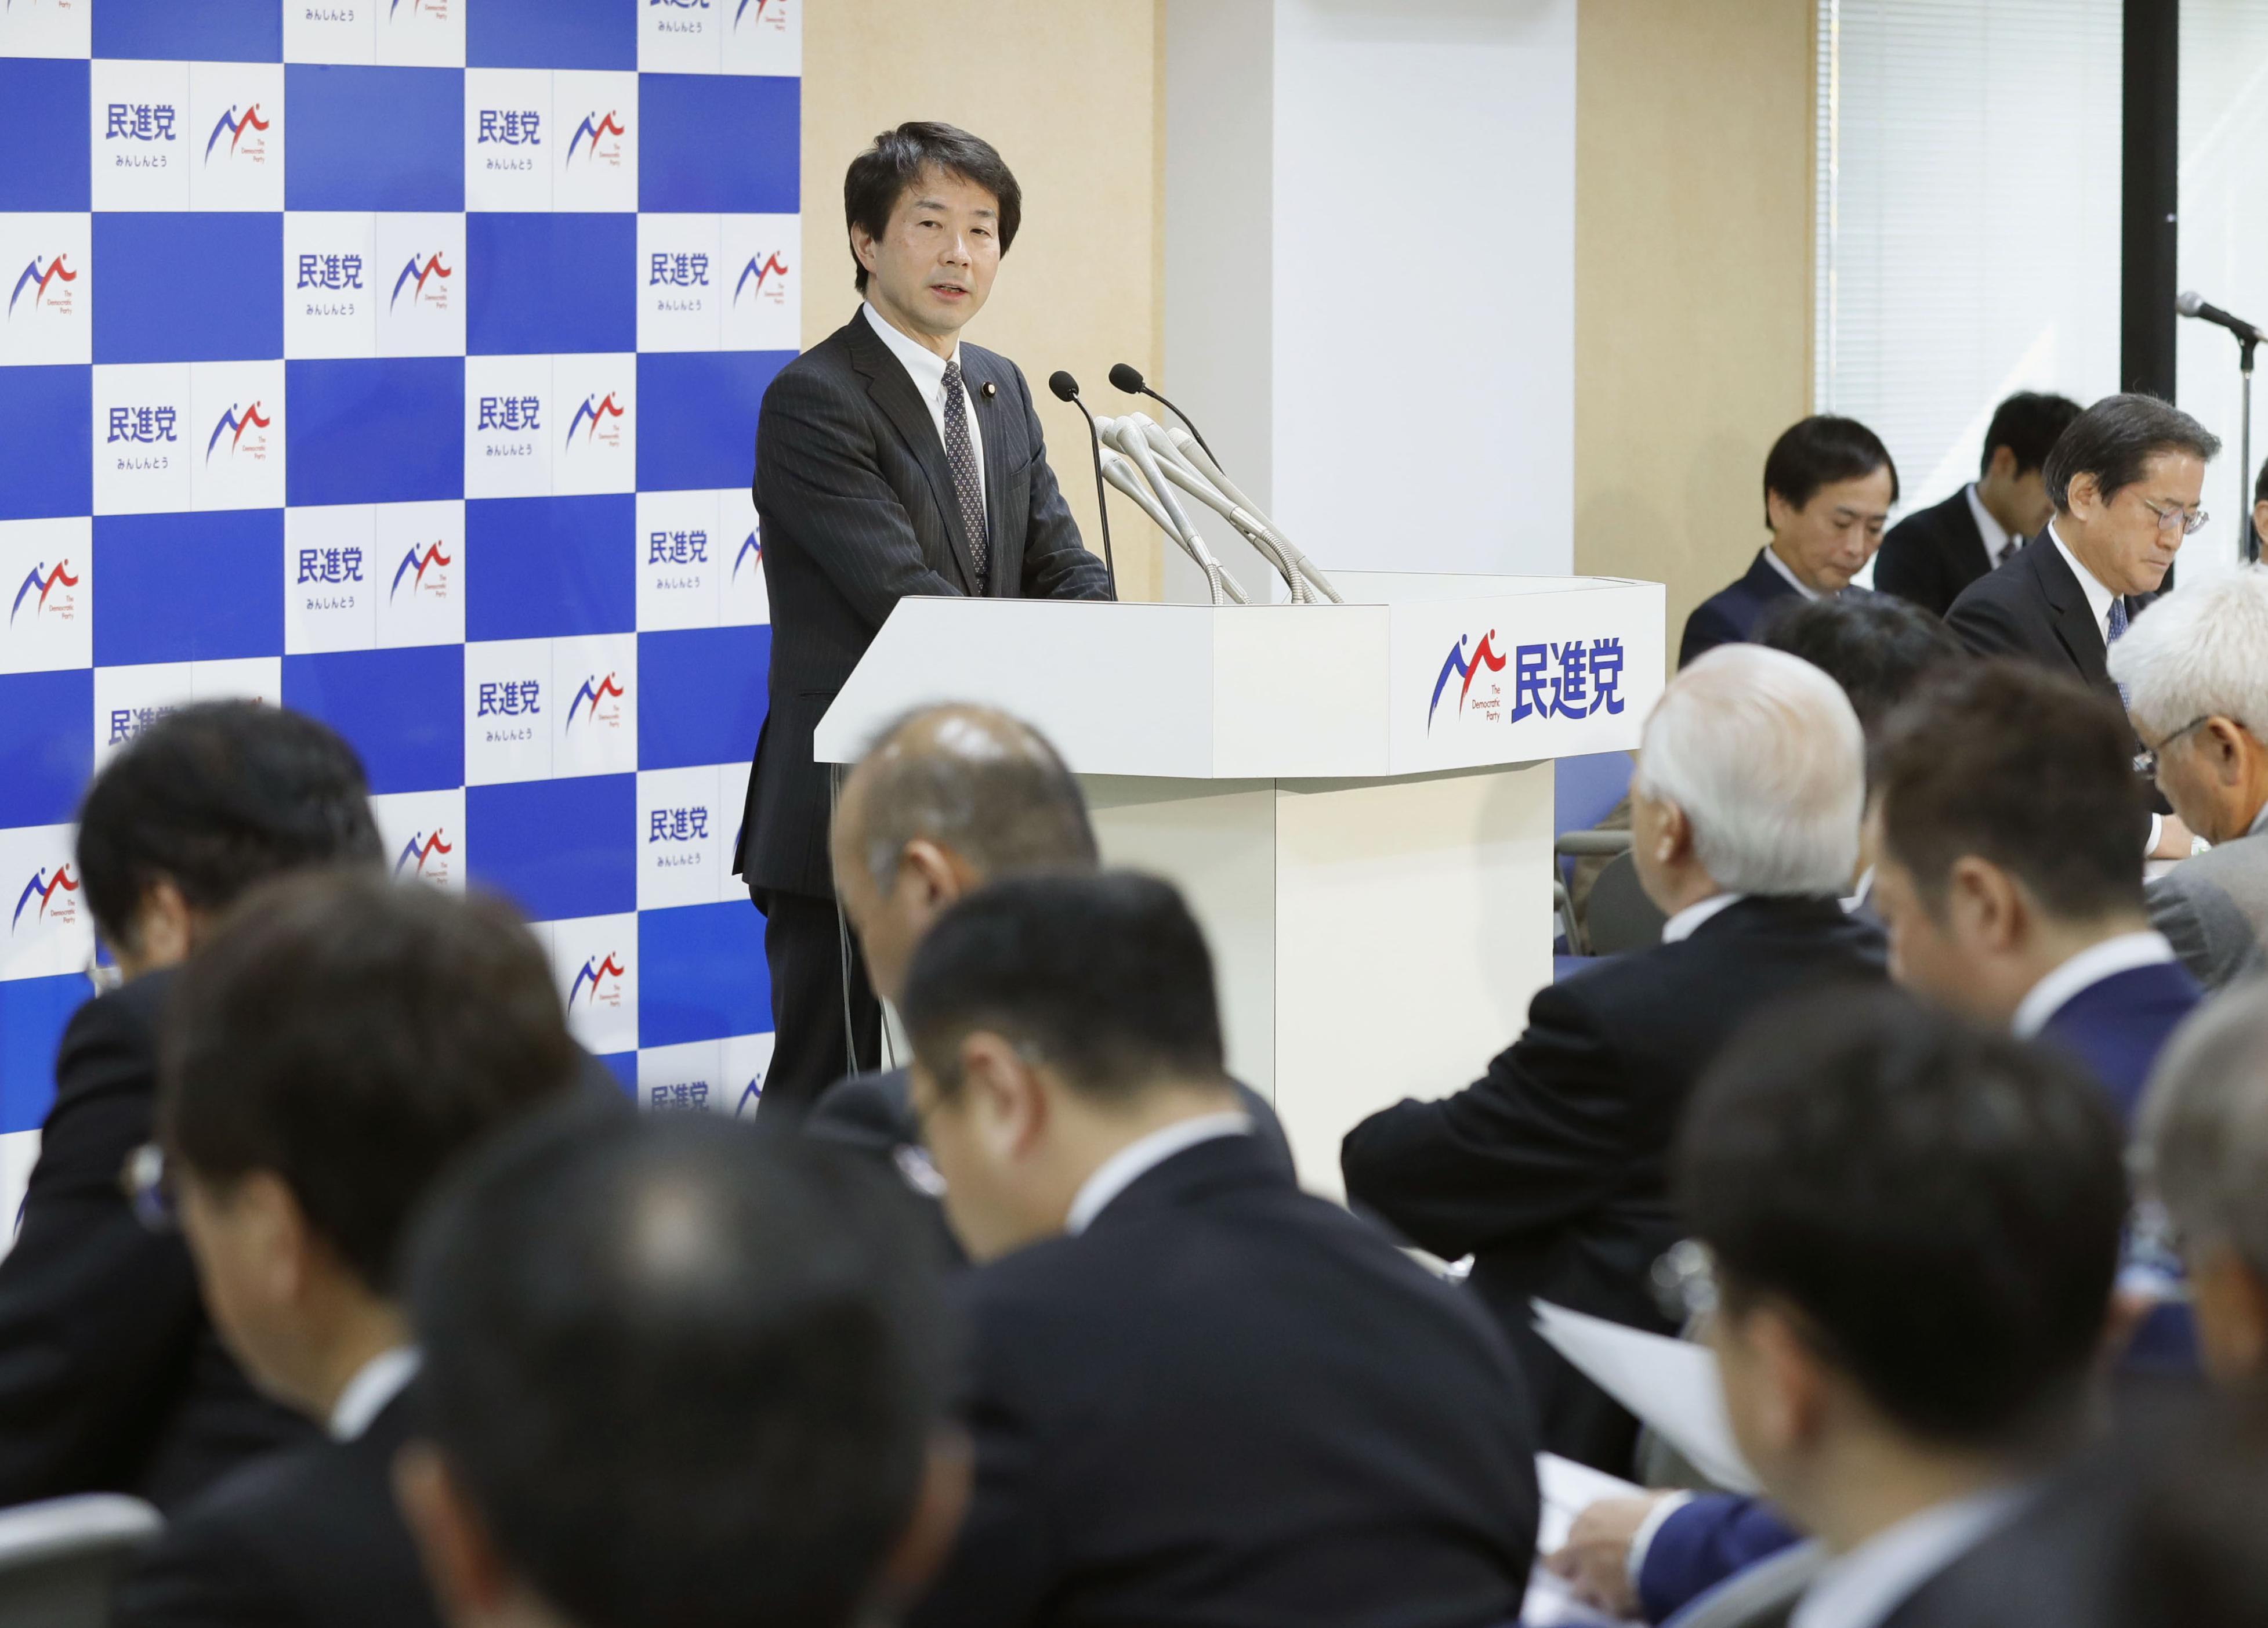 民進党の全国幹事会であいさつする大塚代表=16日午後、東京・永田町の党本部